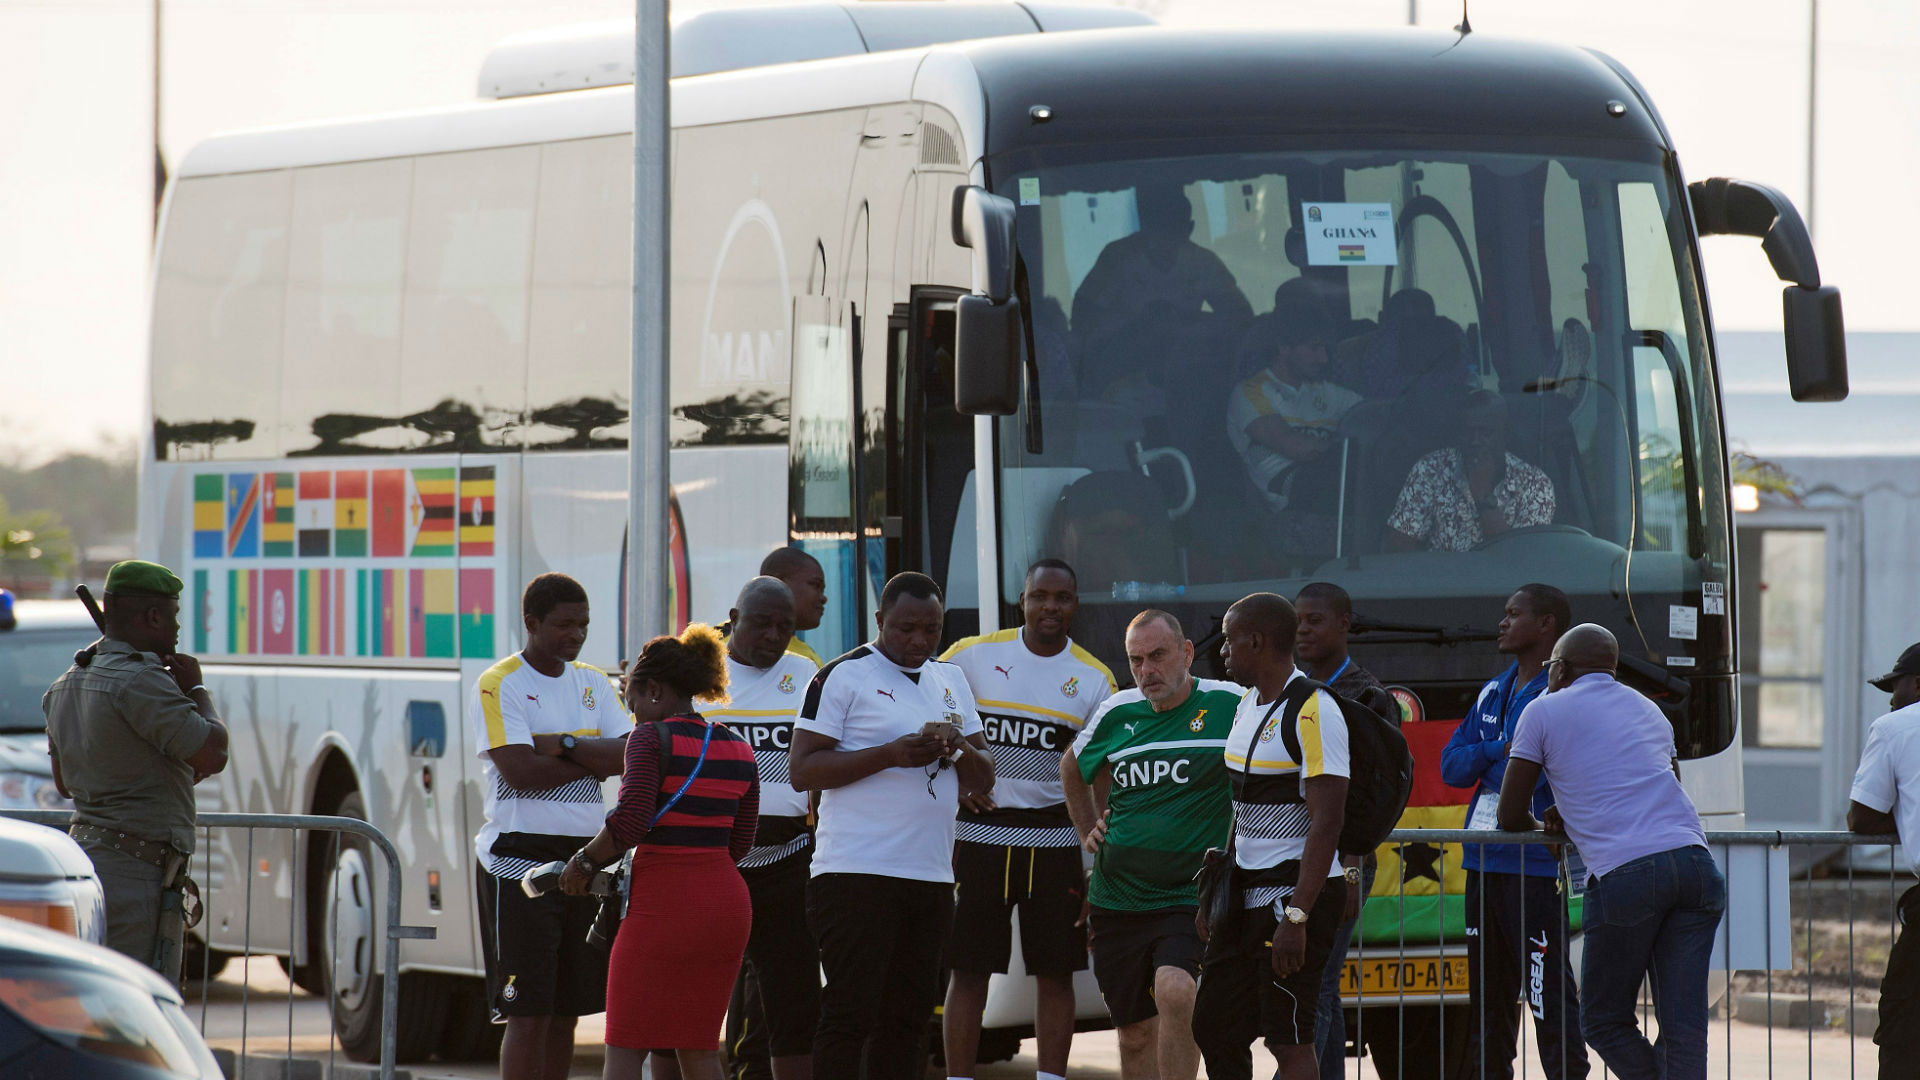 Avram Grant Ghana Team Bus 19012017